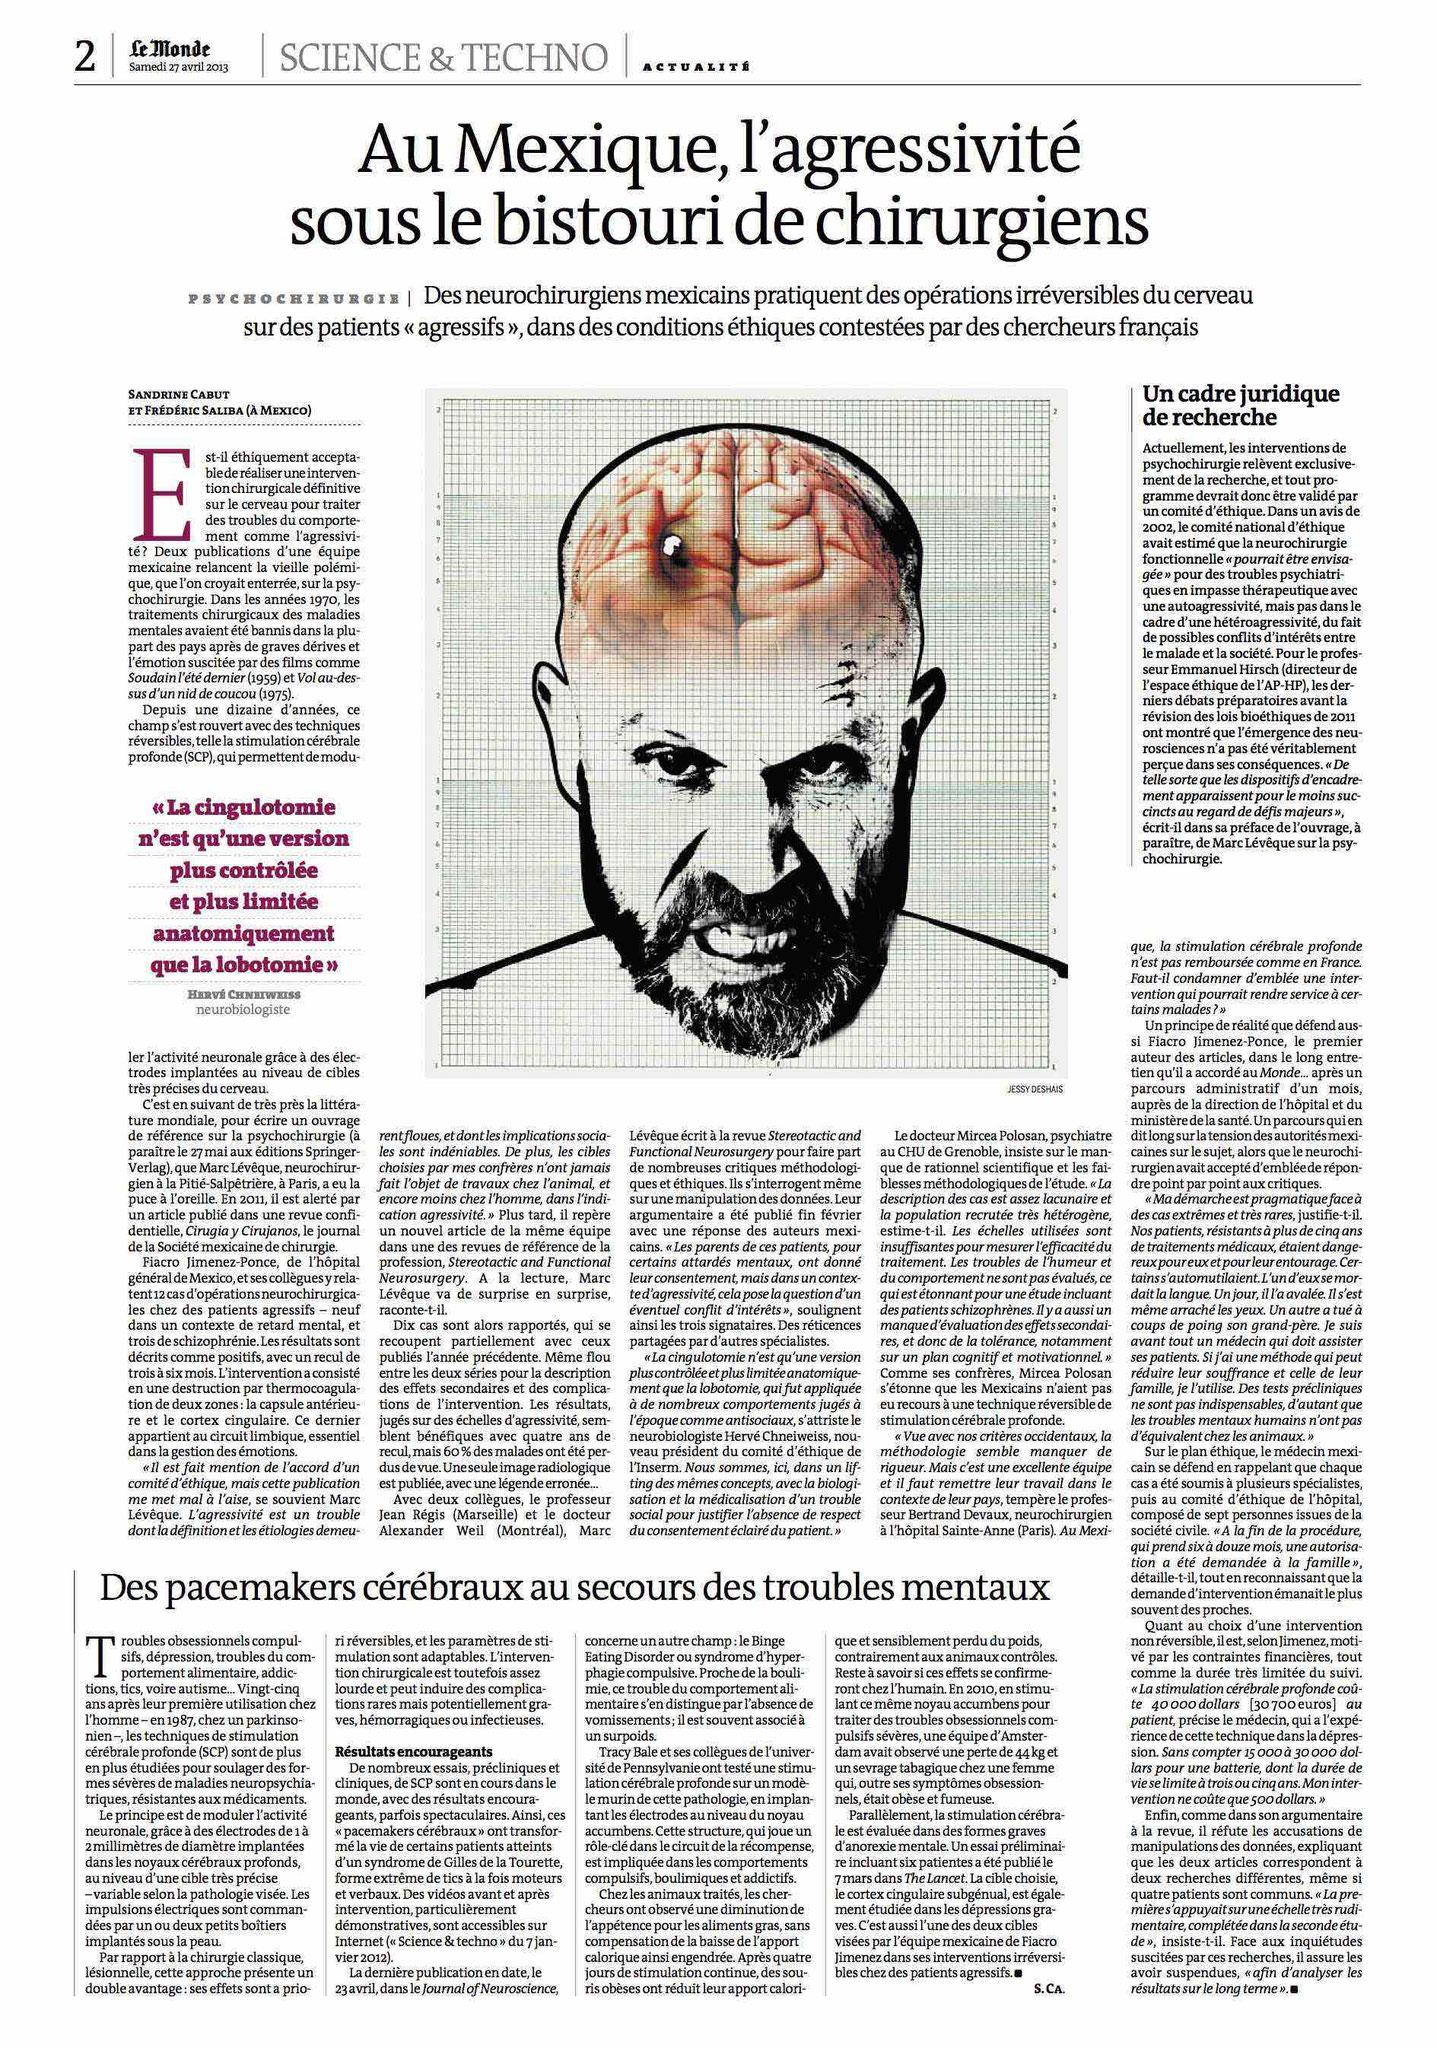 Le Monde - Au Mexique, l'agressivité sous le bistouri de chirurgiens - 27/04/2013